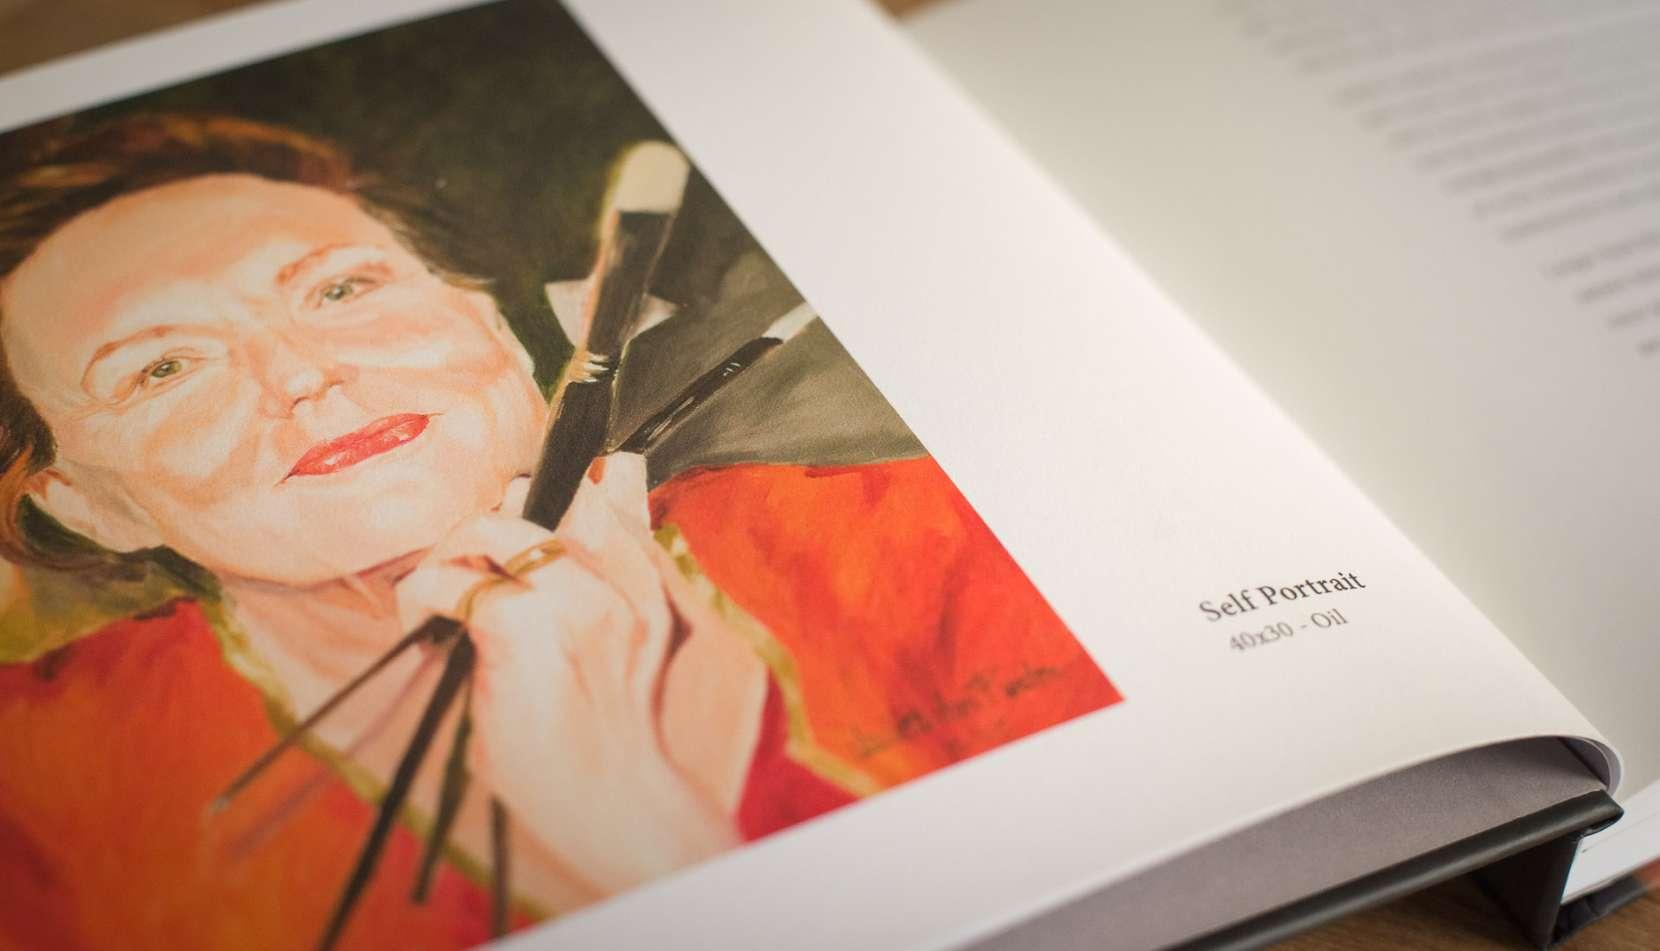 judith-book-6432-1660x951.jpg